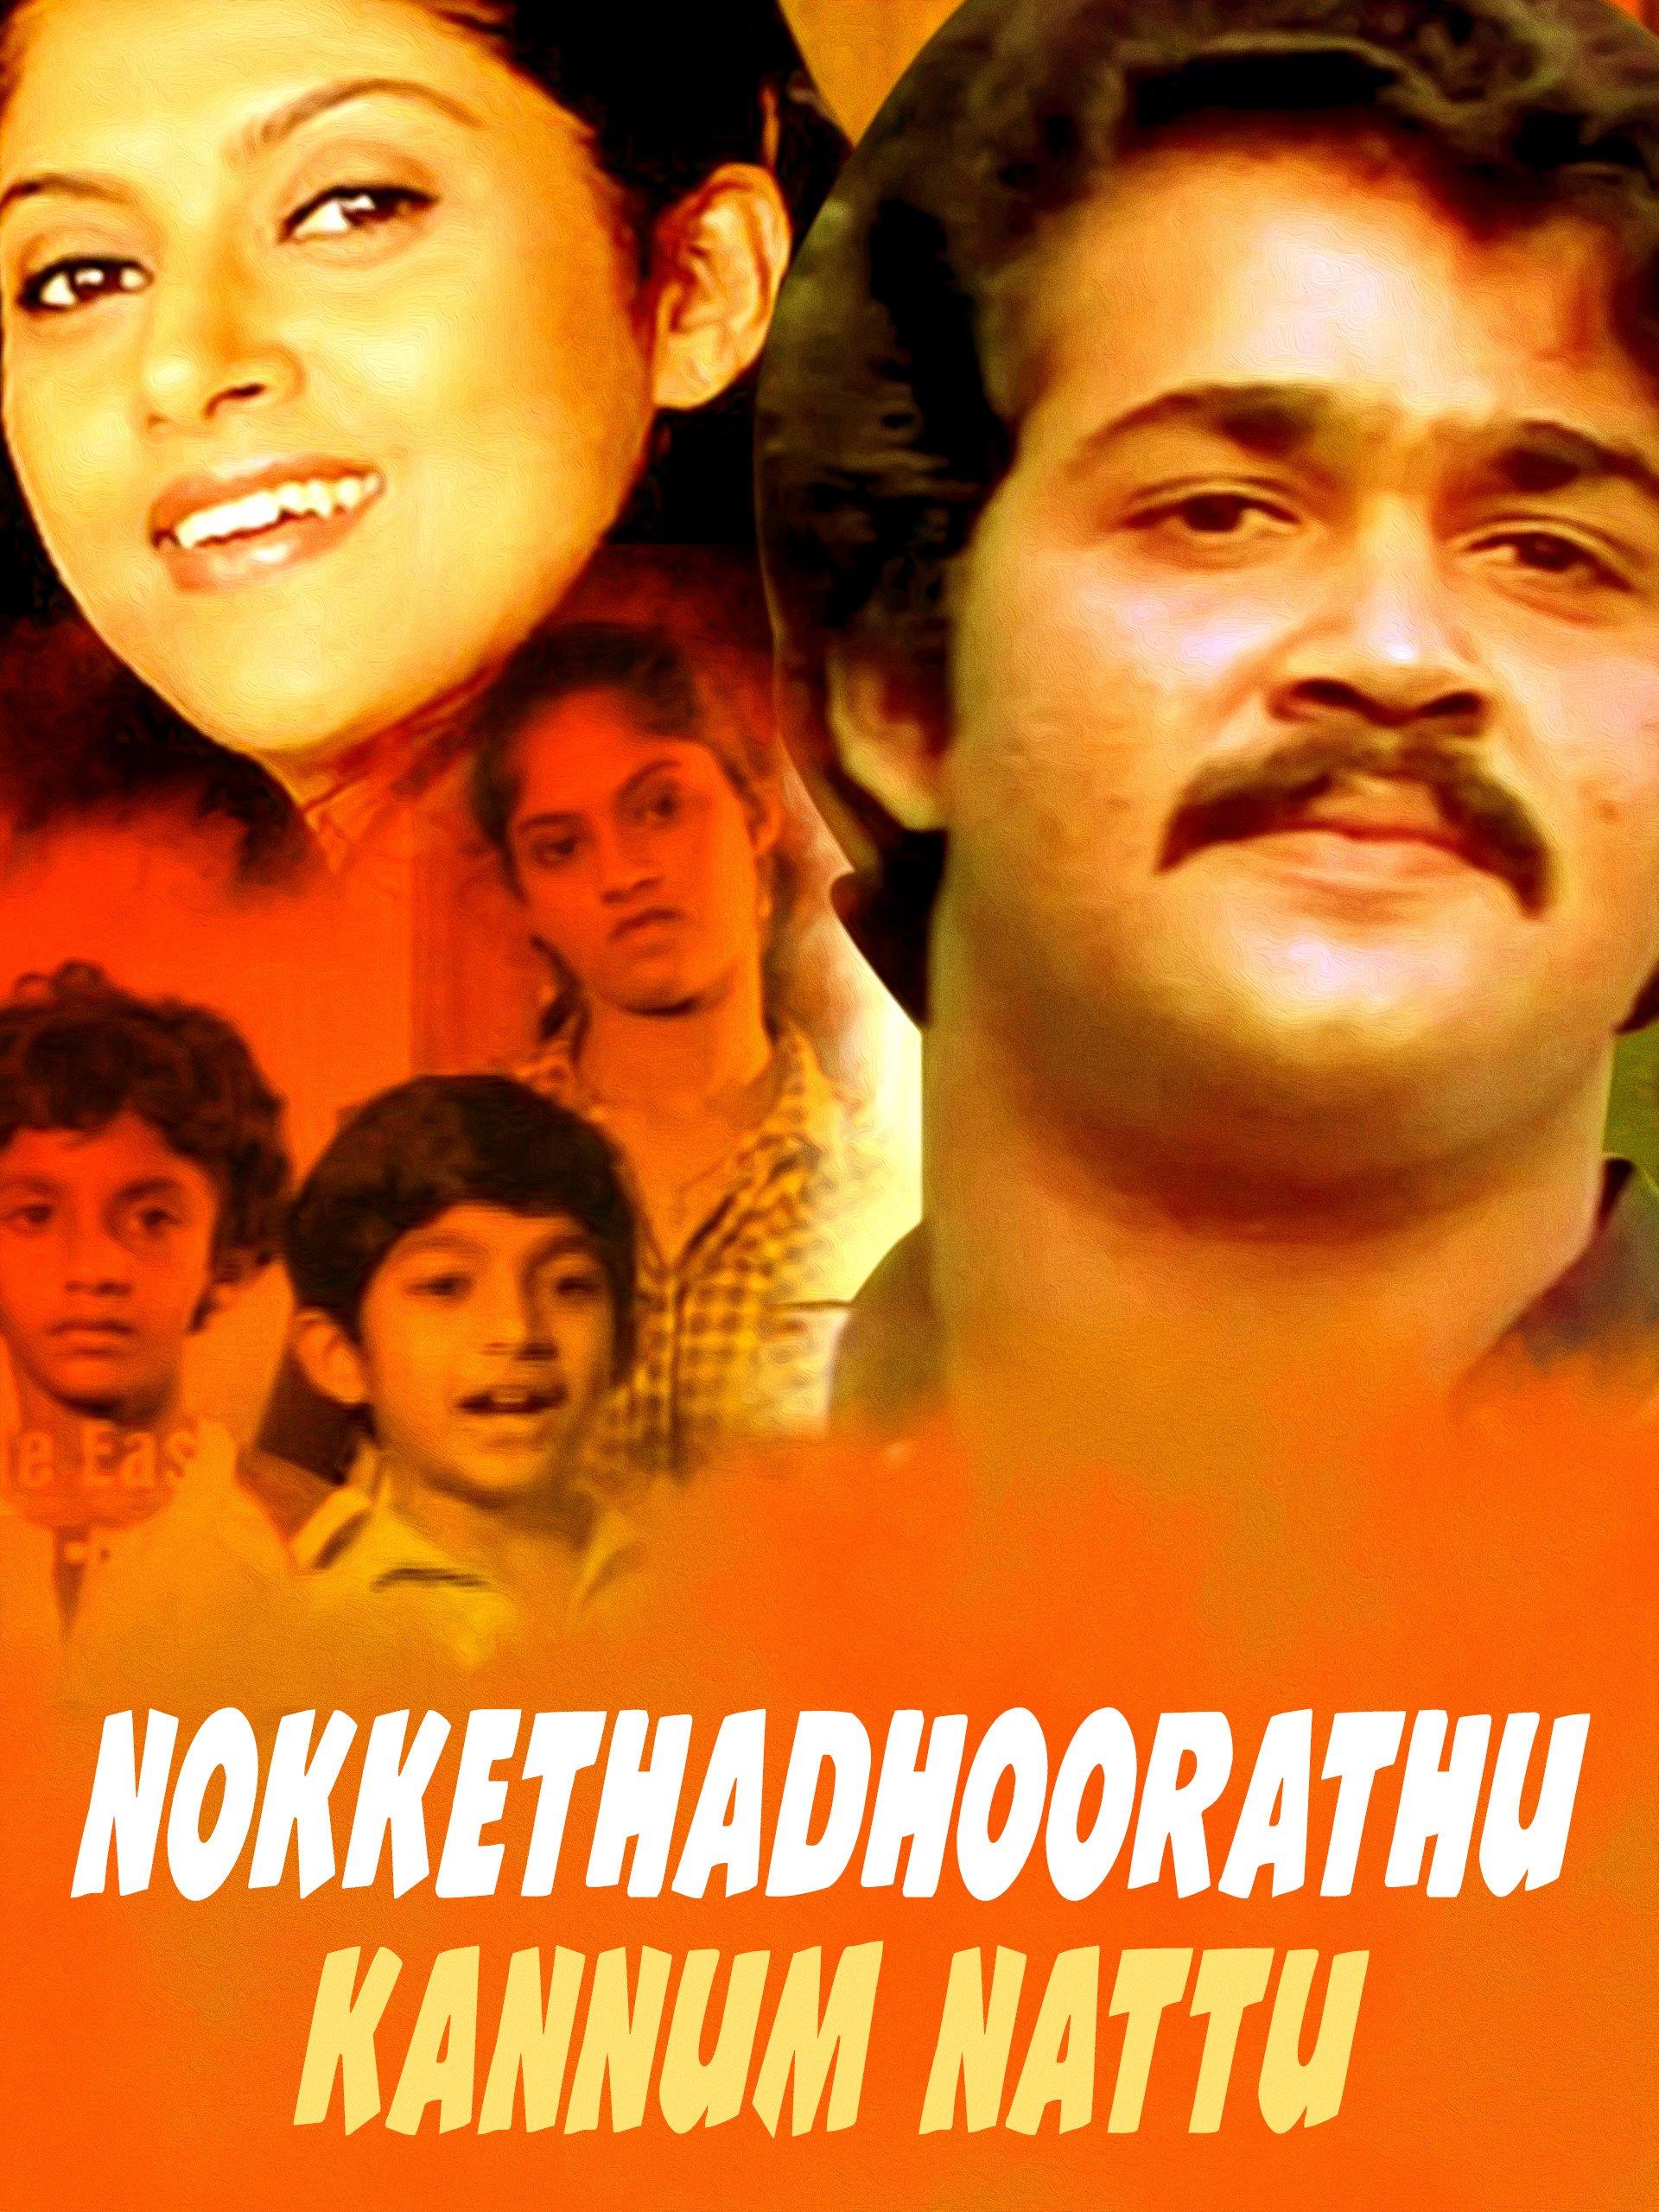 Watch Nokkethadhoorathu Kannum Nattu | Prime Video